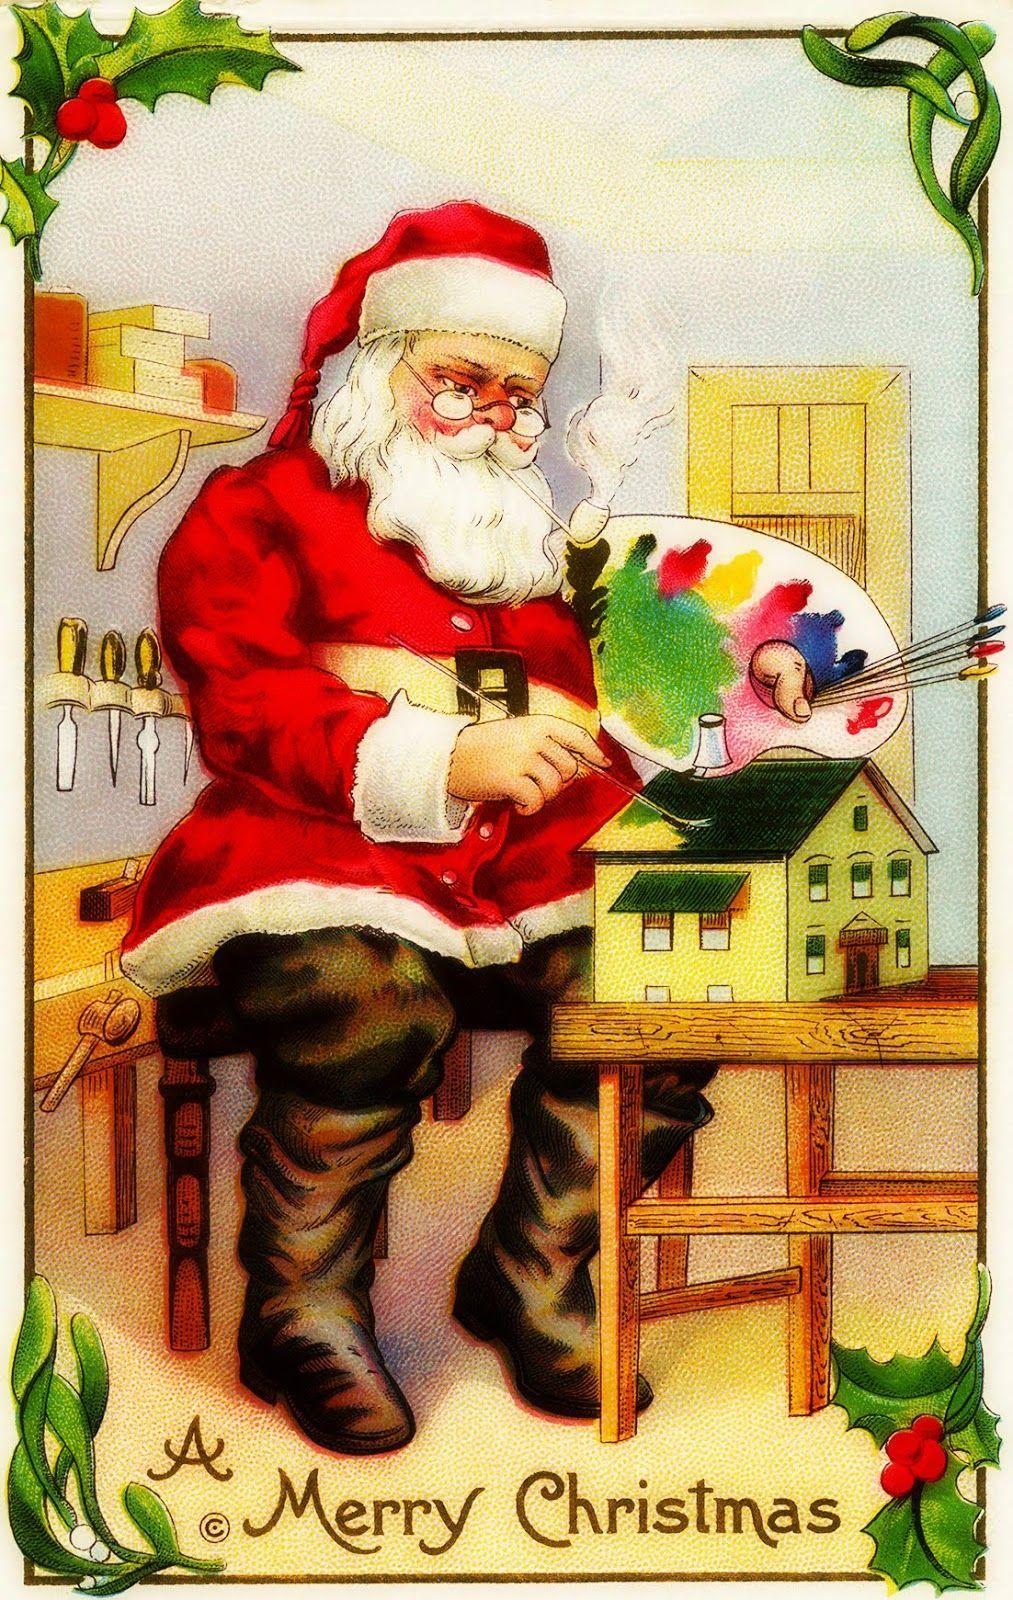 OldDesignShop_SantasWorkshop.jpg 1,013×1,600 pixels